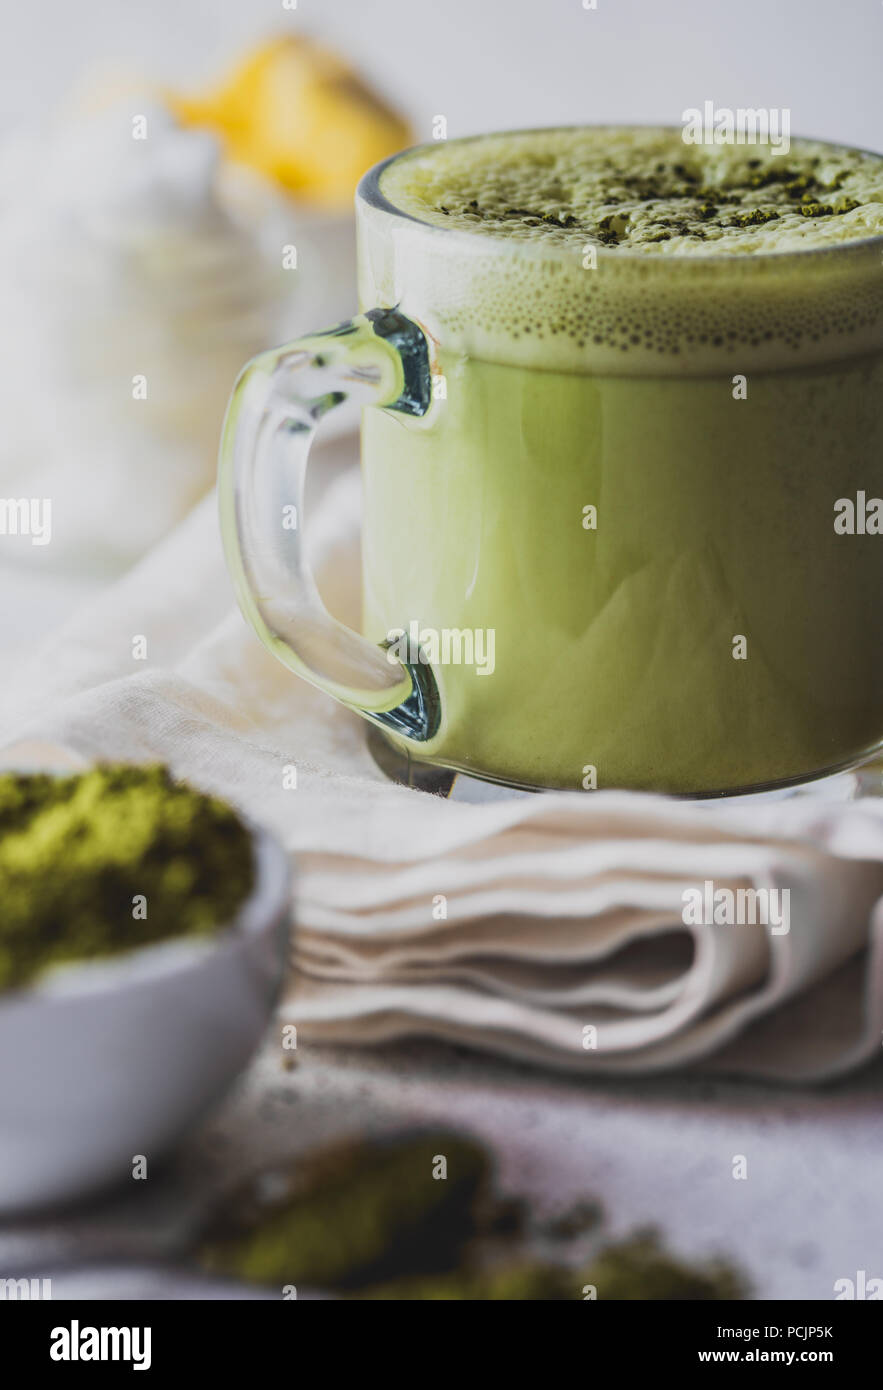 MATCHA À TOUTE ÉPREUVE. Régime cétogène diète céto boisson chaude. Matcha thé mélangé à l'huile de coco et le beurre. Tasse de bulletproof et matcha ingrédients sur fond blanc Photo Stock